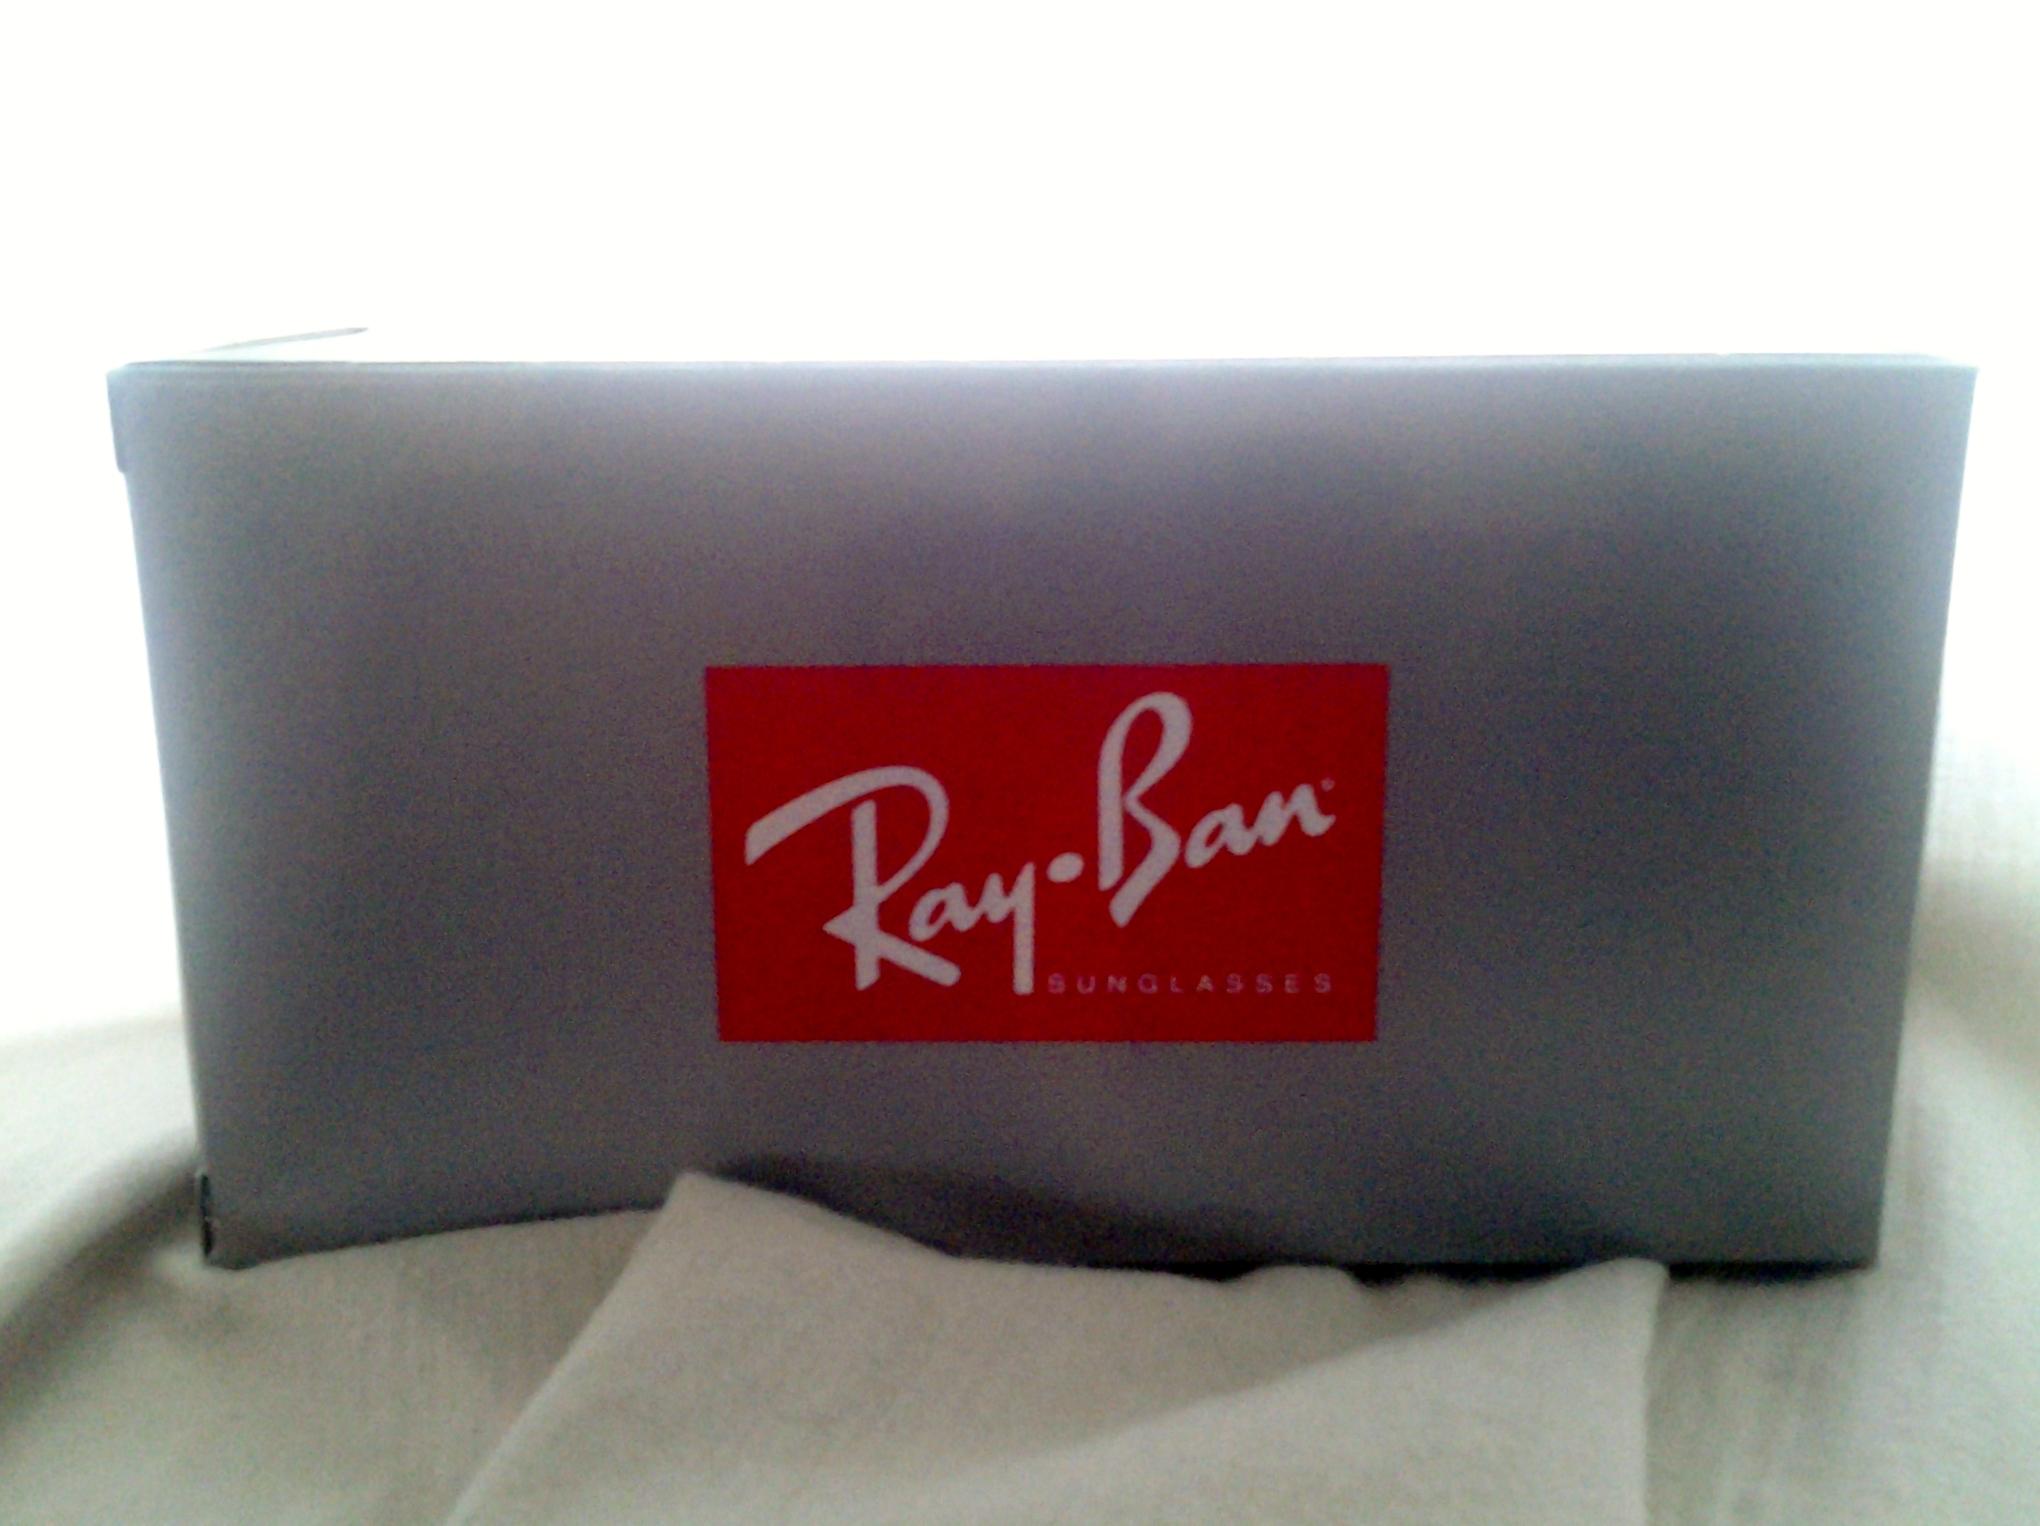 4c5e048f9b0 FramesDirect.Com Ray Ban Sunglasses Review